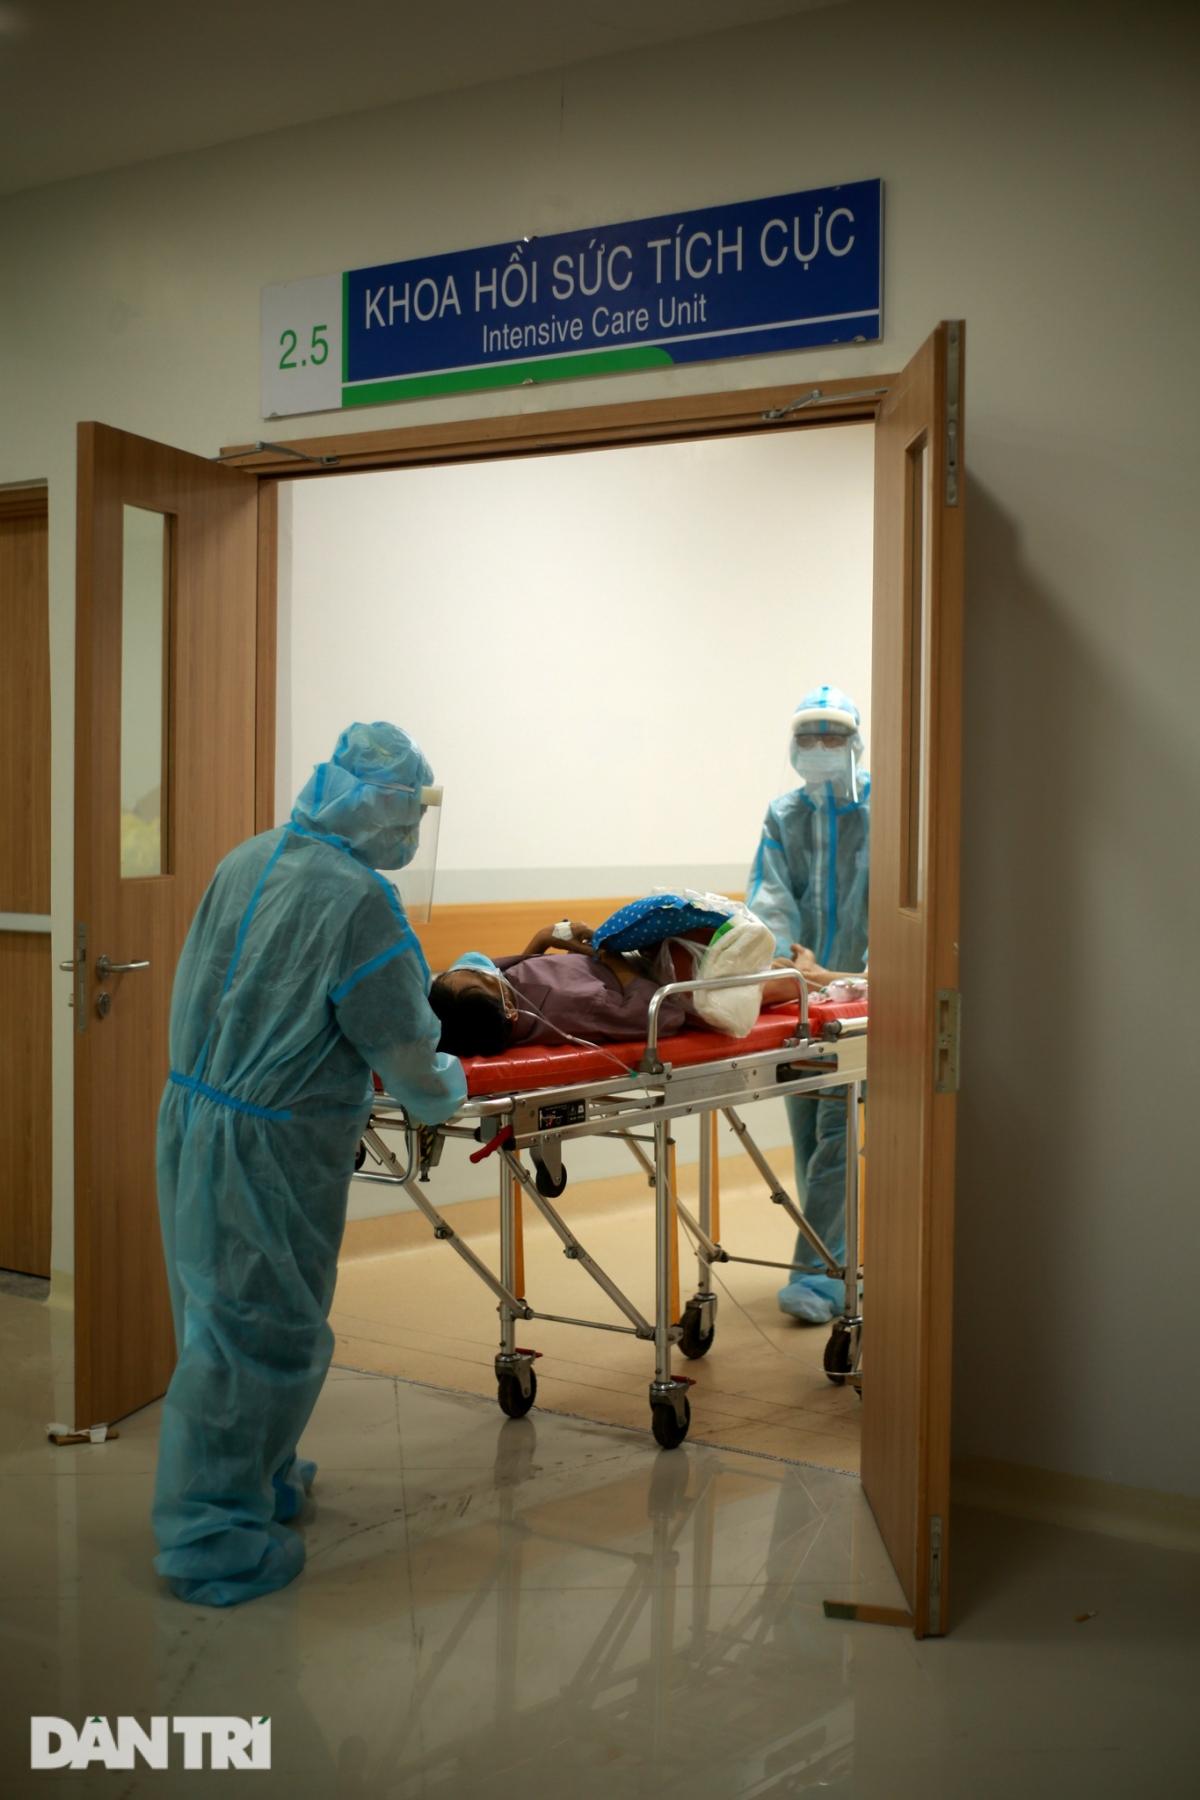 Tiếng xe đẩy vang lên dọc hành lang trong đêm tĩnh lặng, một ca bệnh nữa được nhập viện khi triệu chứng chuyển biến tăng nặng.